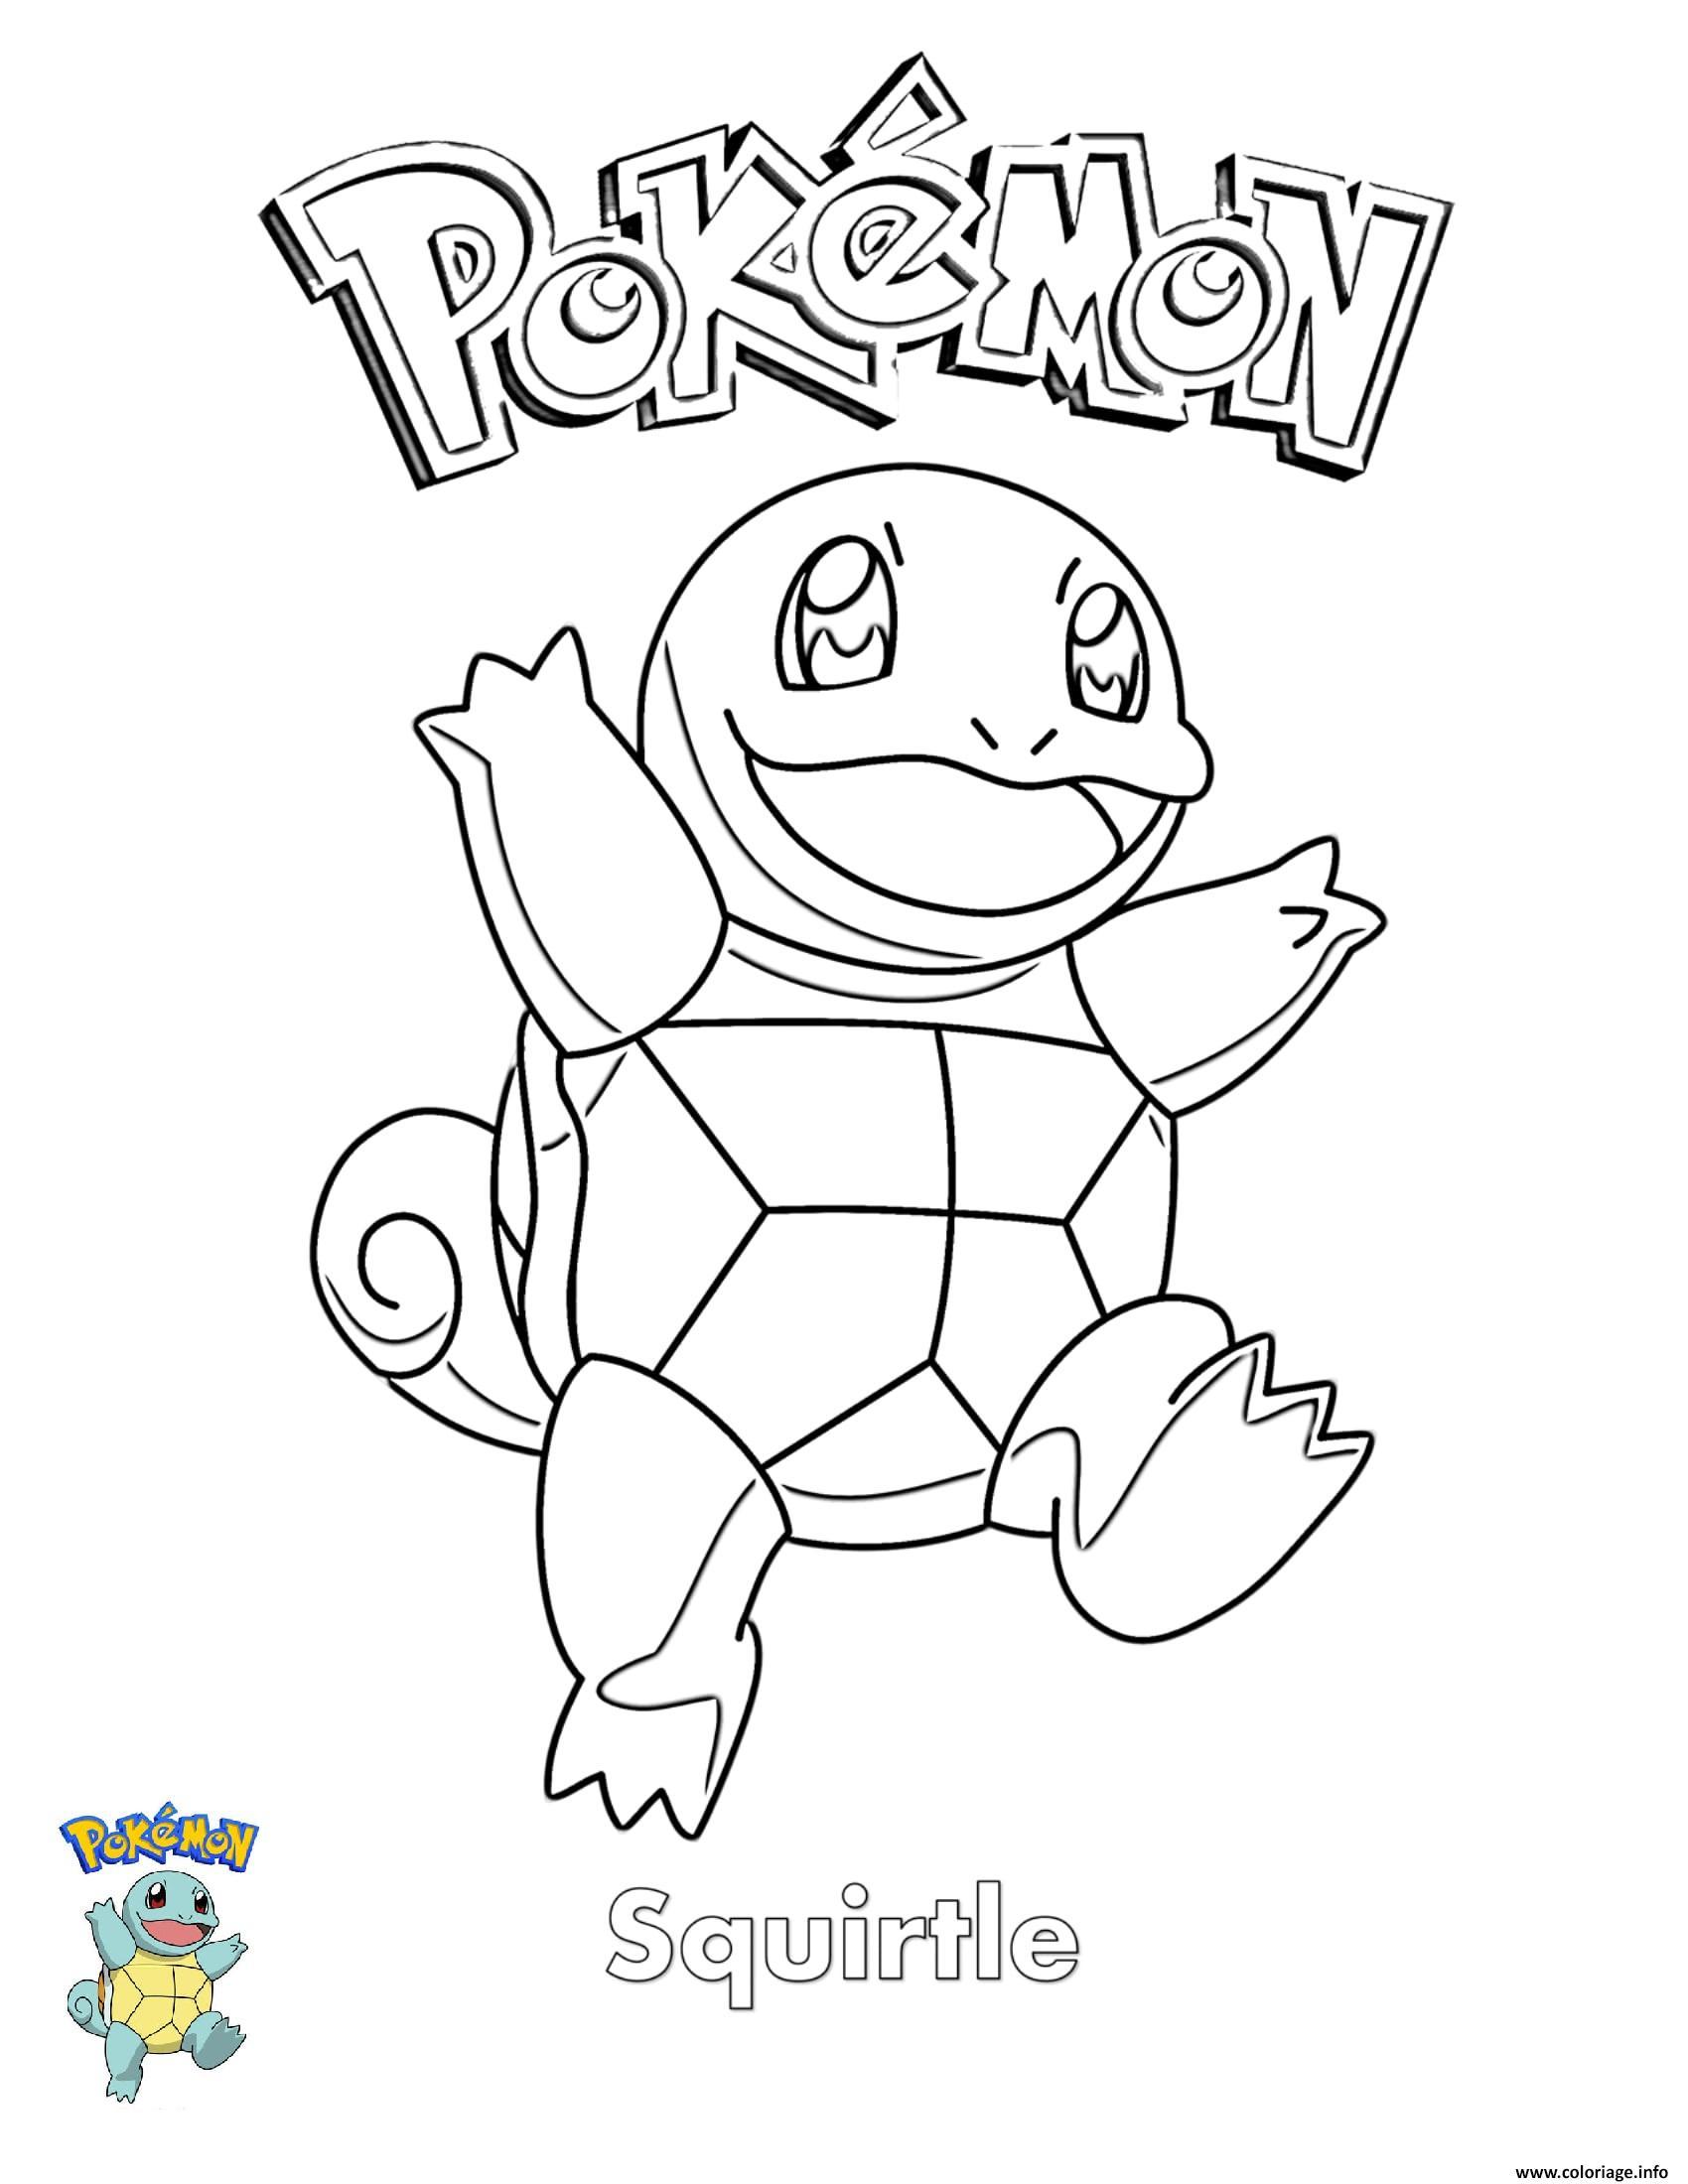 Dessin Squirtle Pokemon Coloriage Gratuit à Imprimer